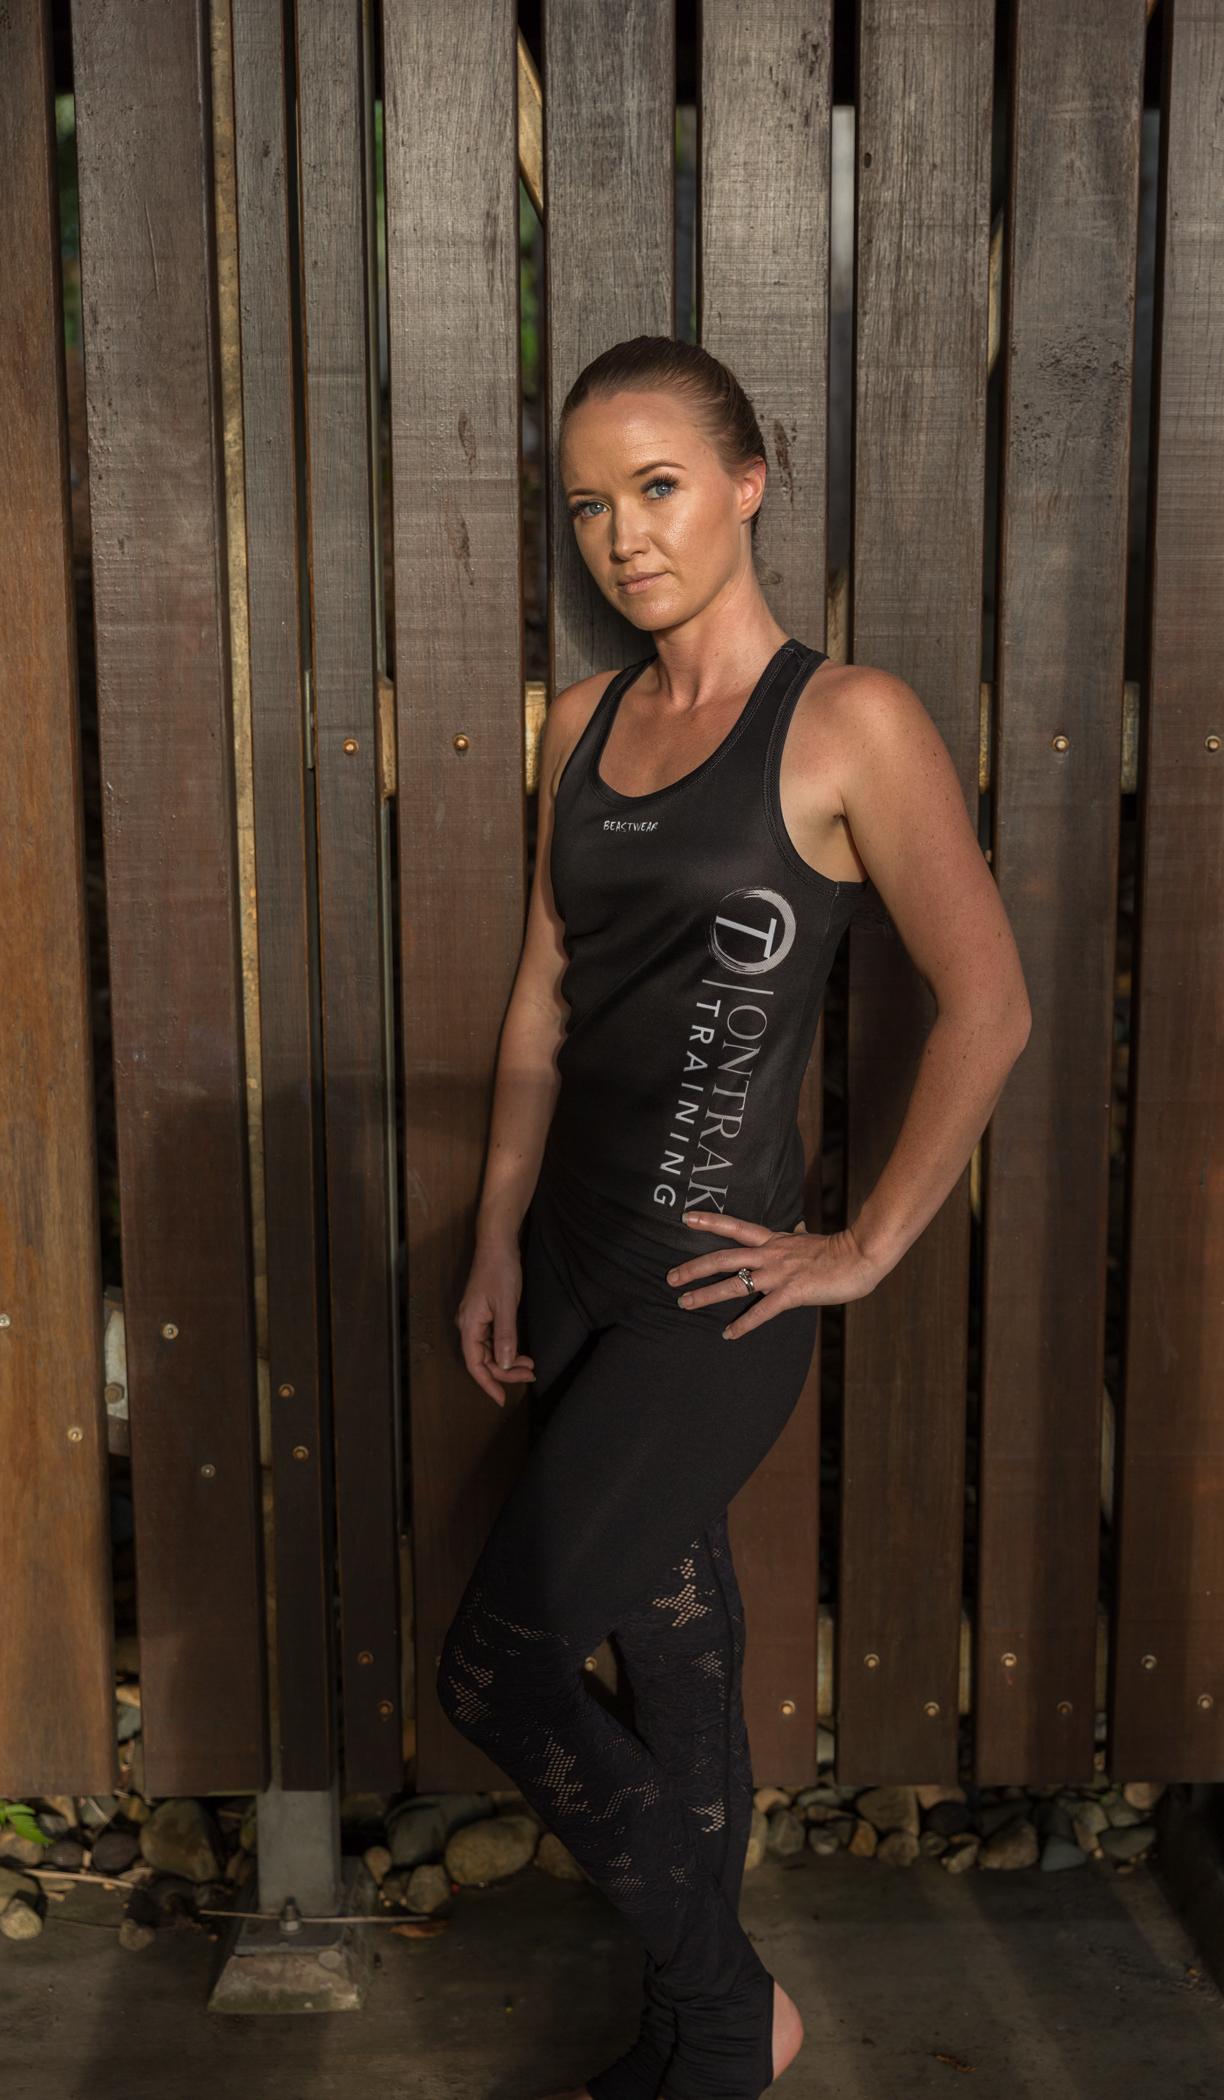 Jessica Hagger